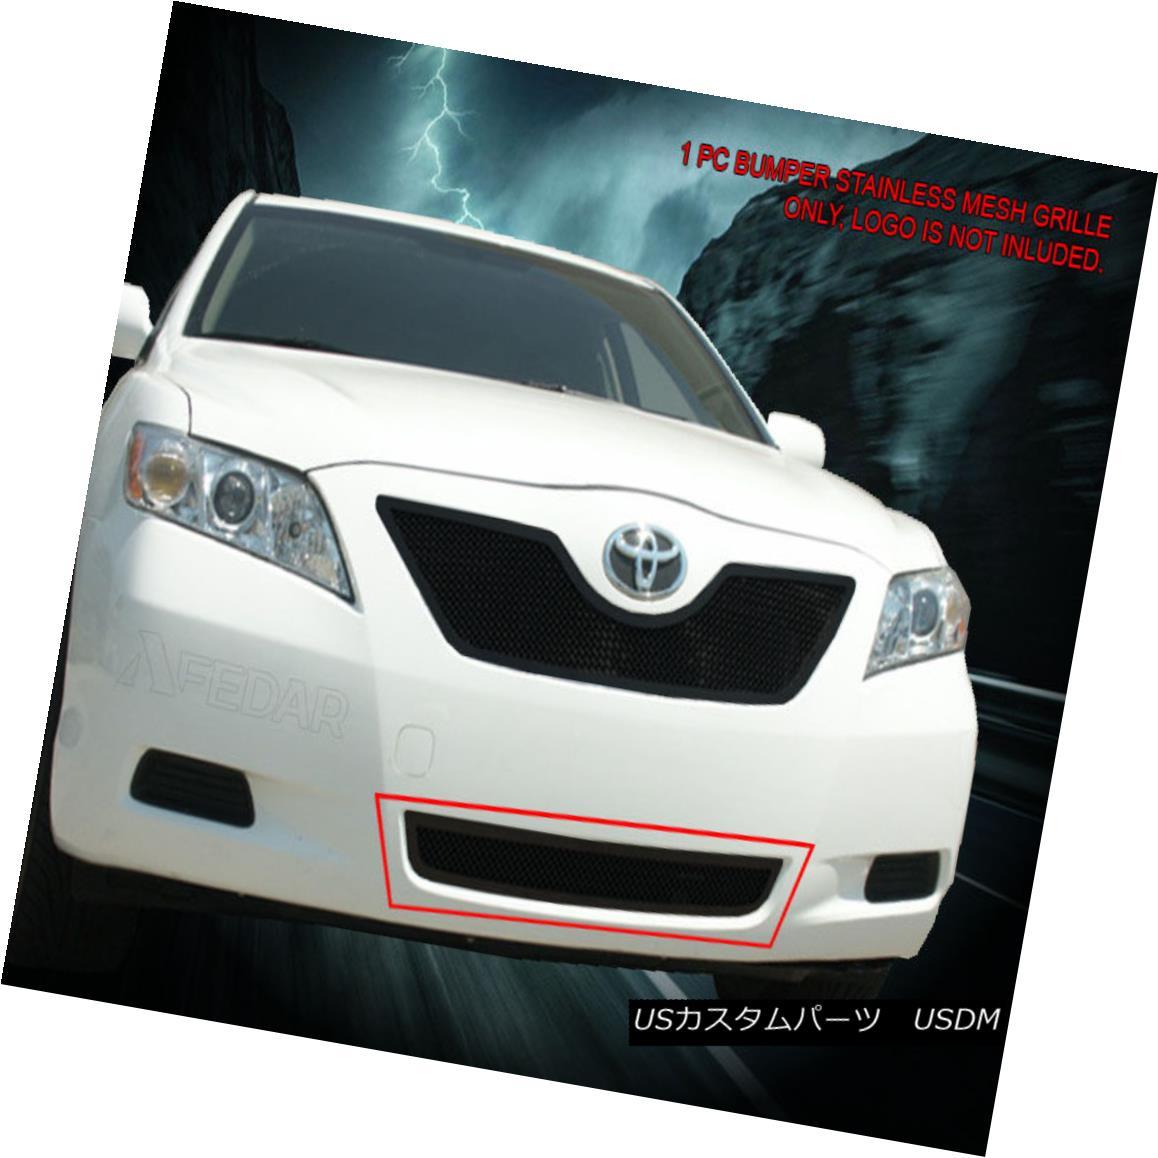 グリル 07-09 Toyota Camry Black Stainless Mesh Grille Grill Bumper Insert Fedar 07-09トヨタカムリブラックステンレスメッシュグリルグリルバンパーインサートフェルダ